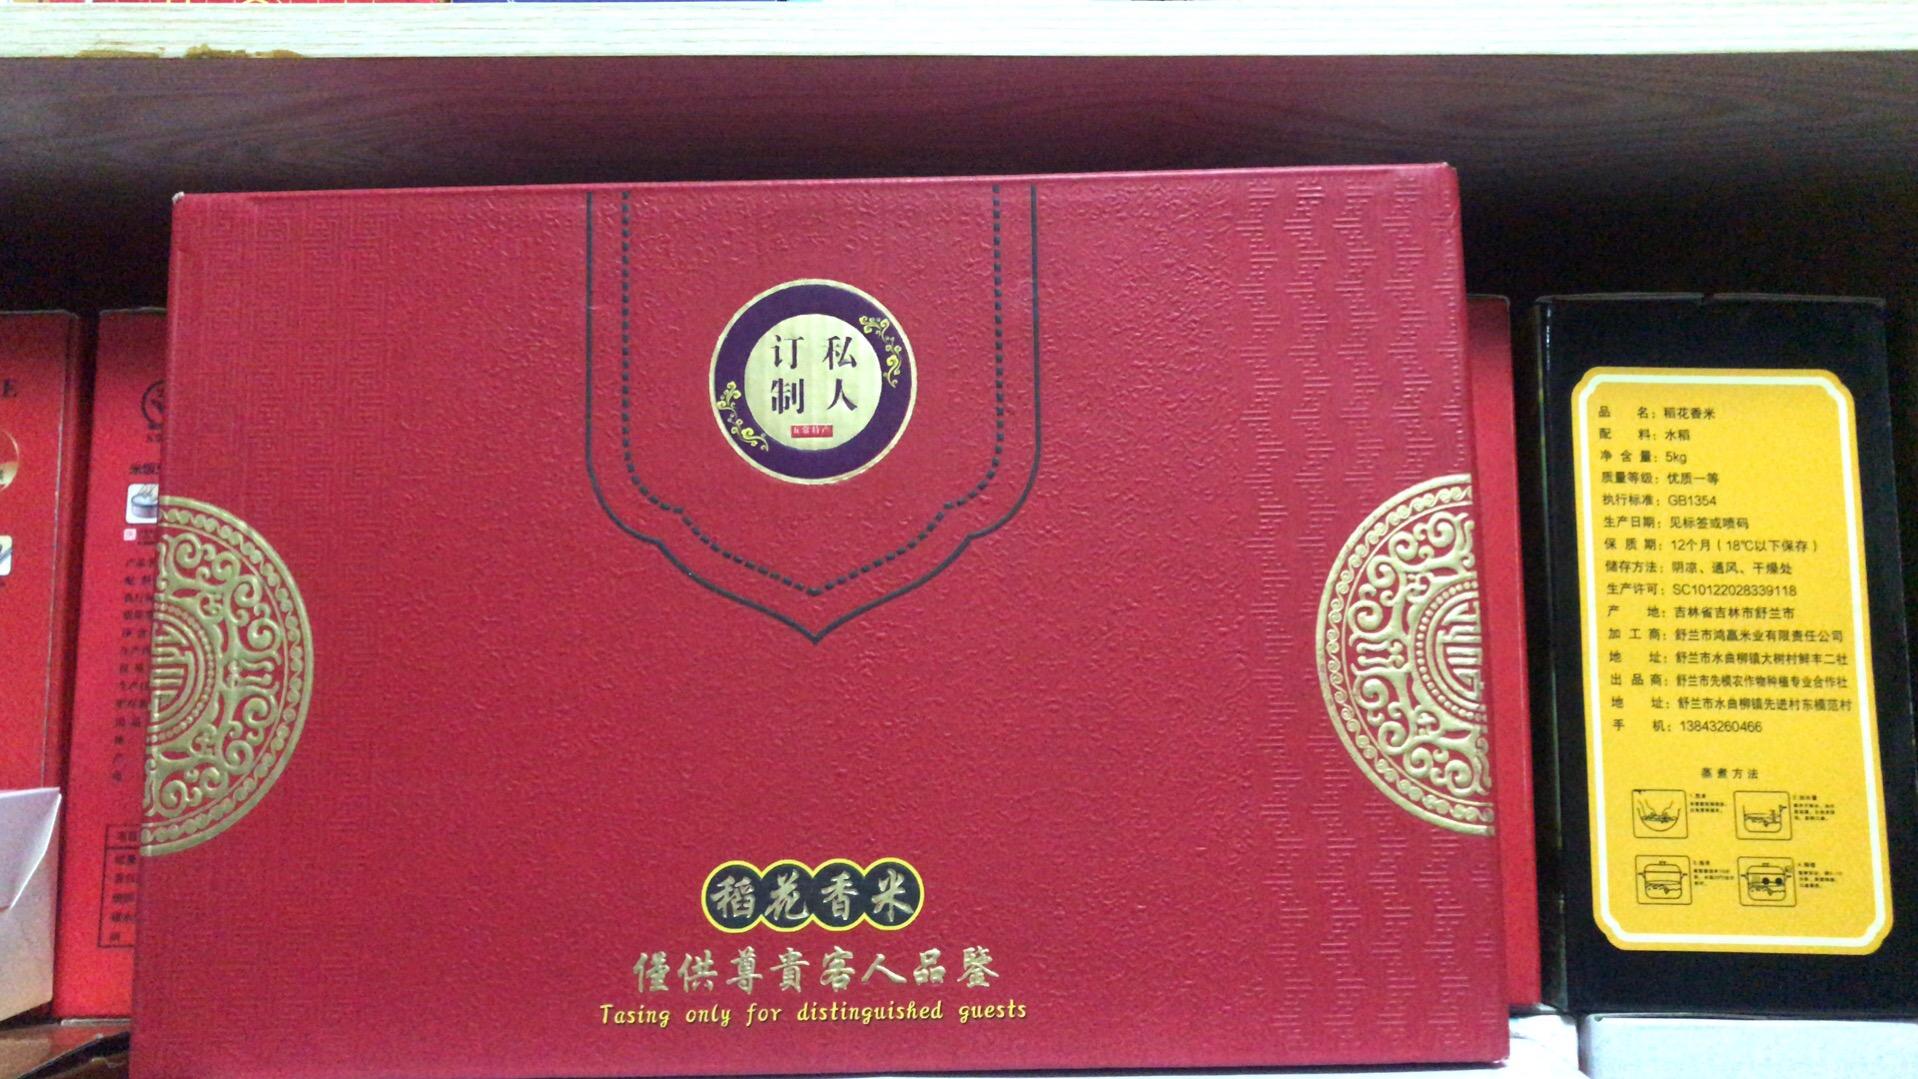 供应合作社自产自销五常稻花香大米∴袋装∴礼盒、保真保纯∴假一赔十、欢迎各位老总下单品尝∴15134609099